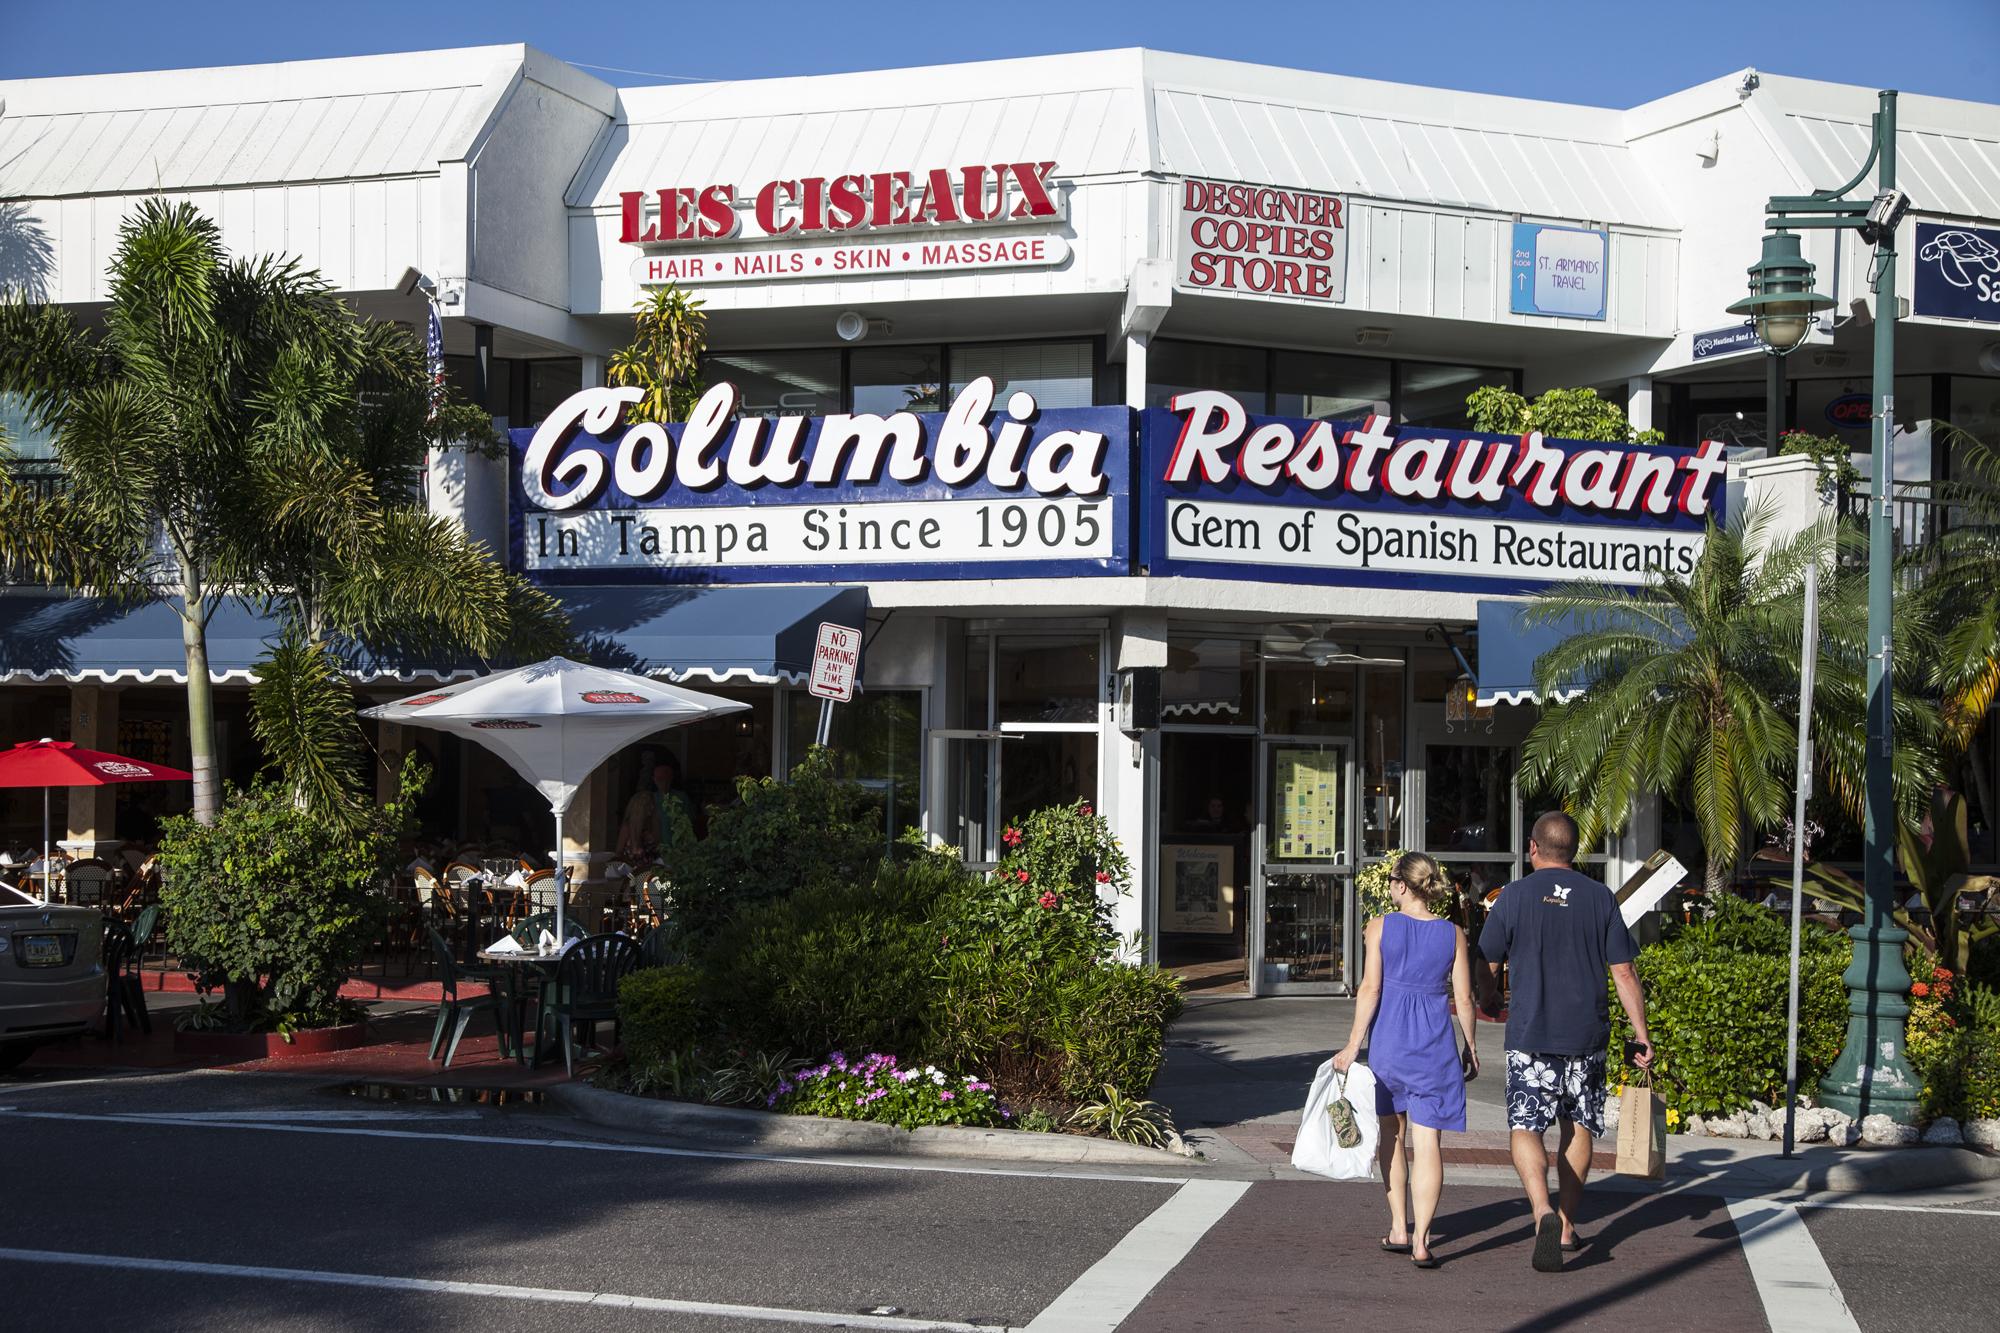 Columbia restaurant.